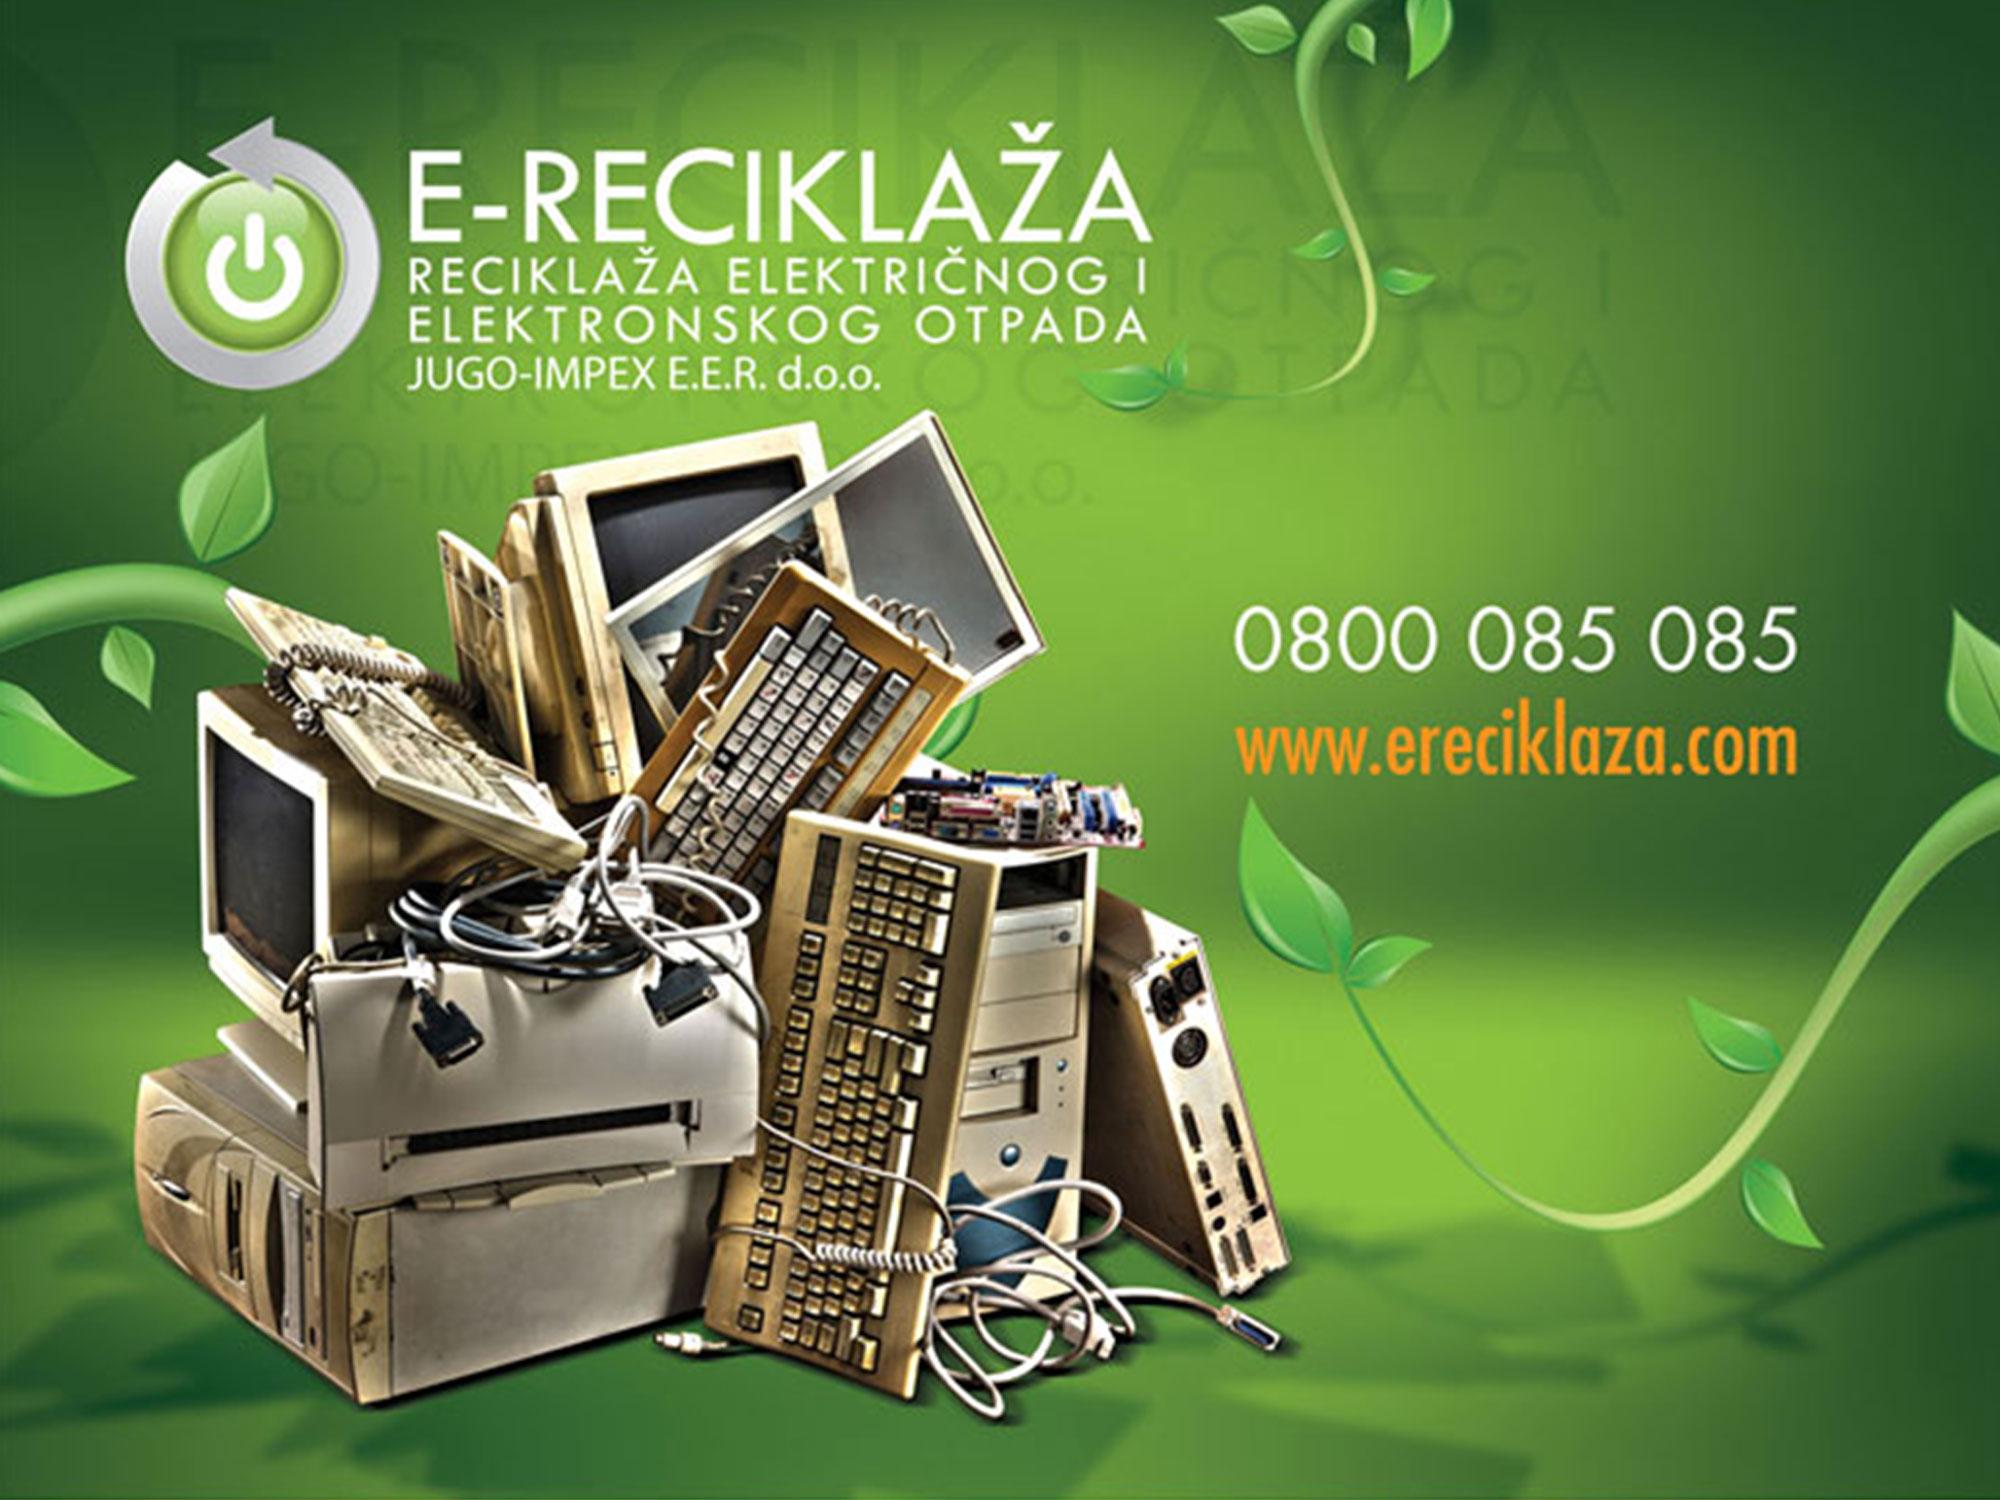 e-reciklaza poster 1